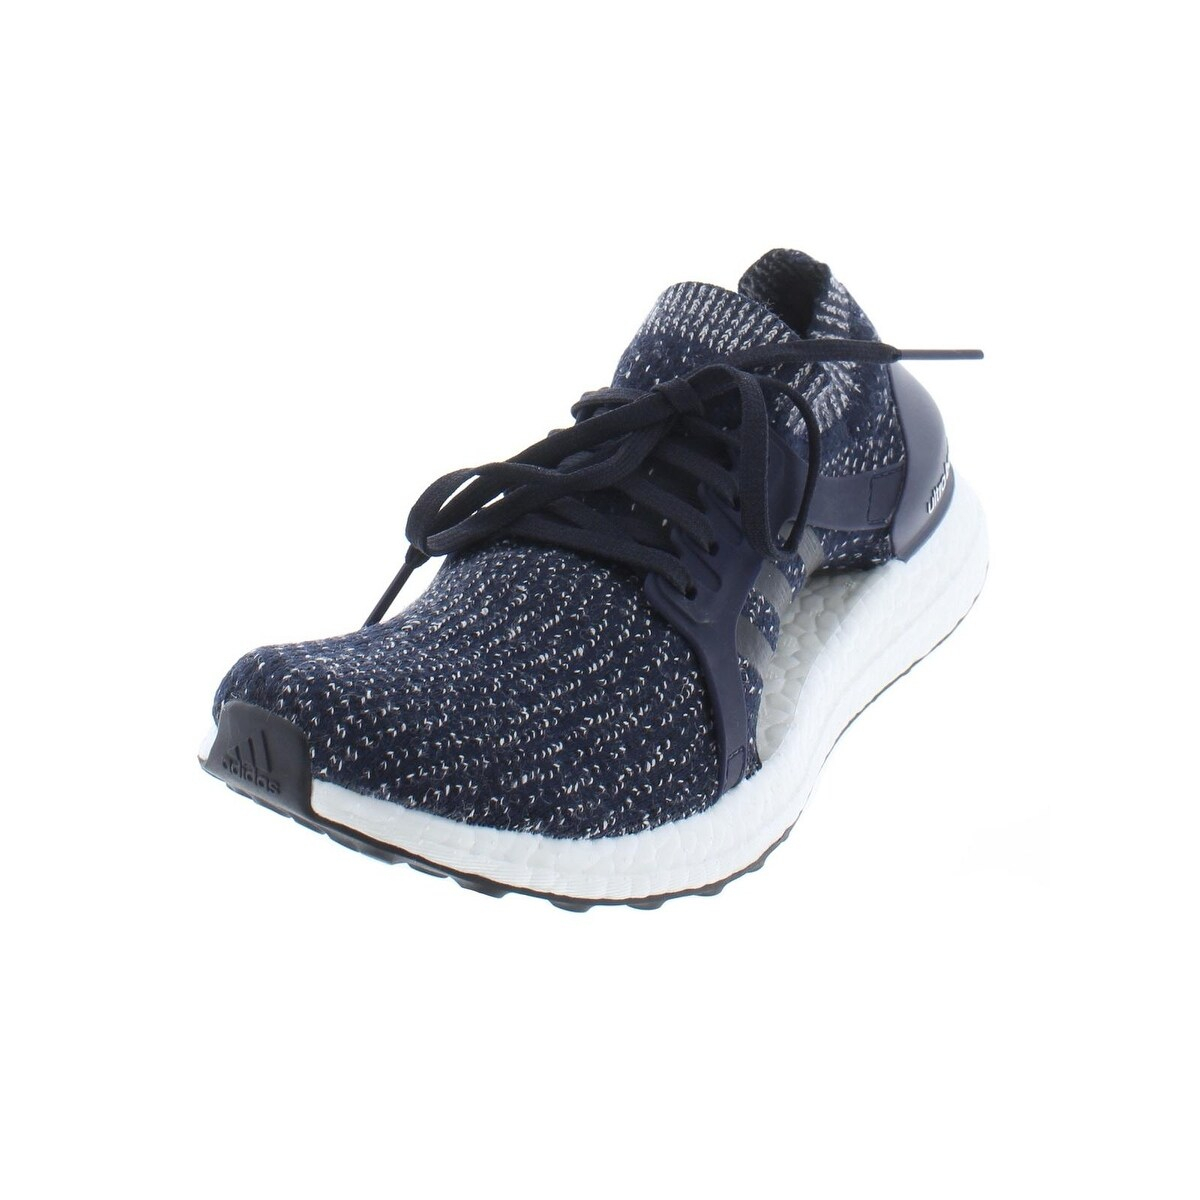 76c8a7938 Shop Adidas Womens UltraBOOST X Running Shoes Knit Lightweight ...